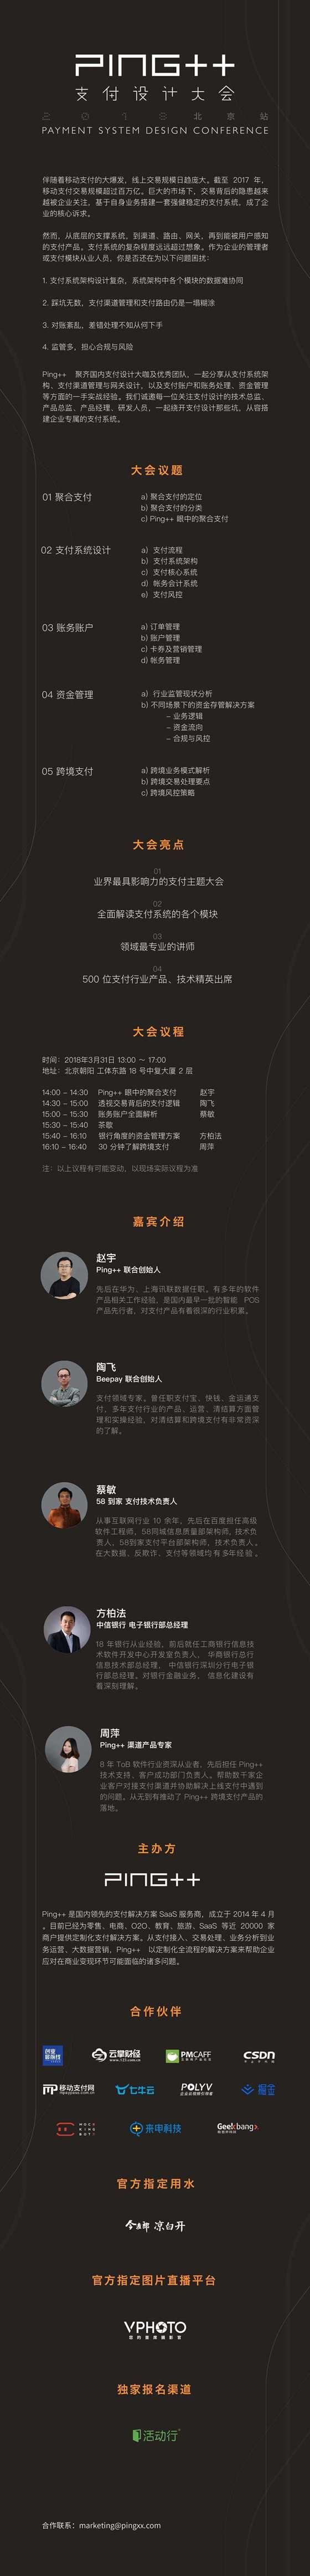 2018北京站支付设计大会18.png